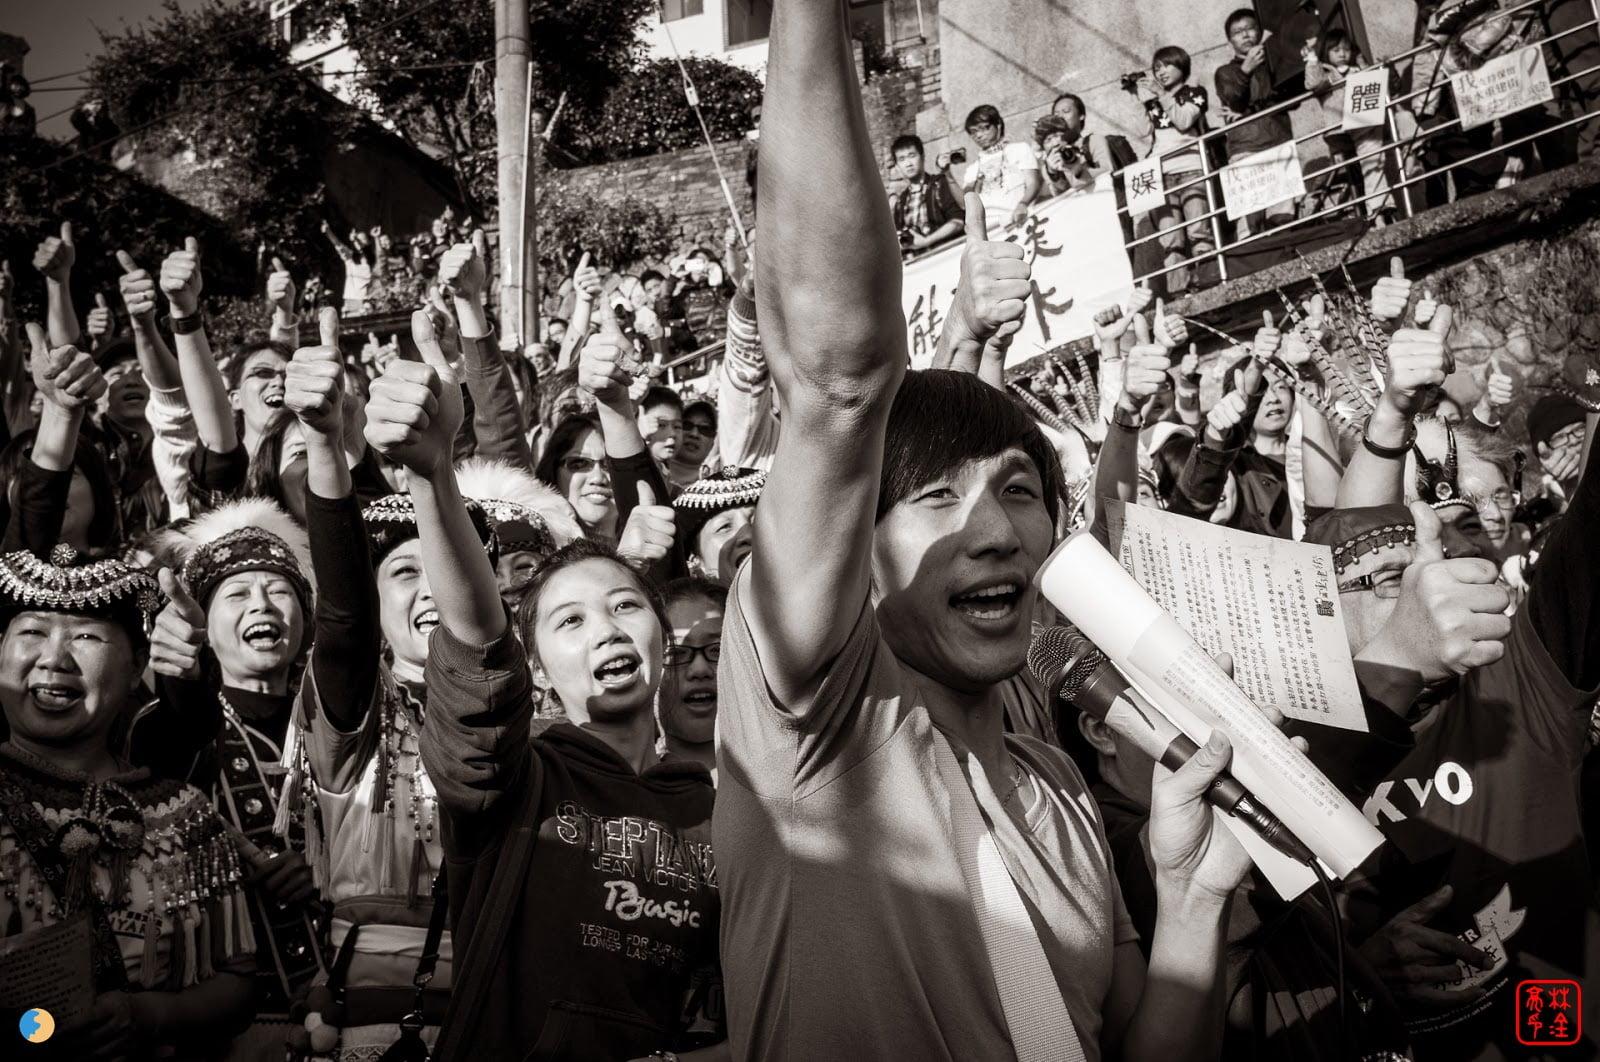 淡水人英語名字的名稱正名運動 Tamsui protest activity 20131202.jpg